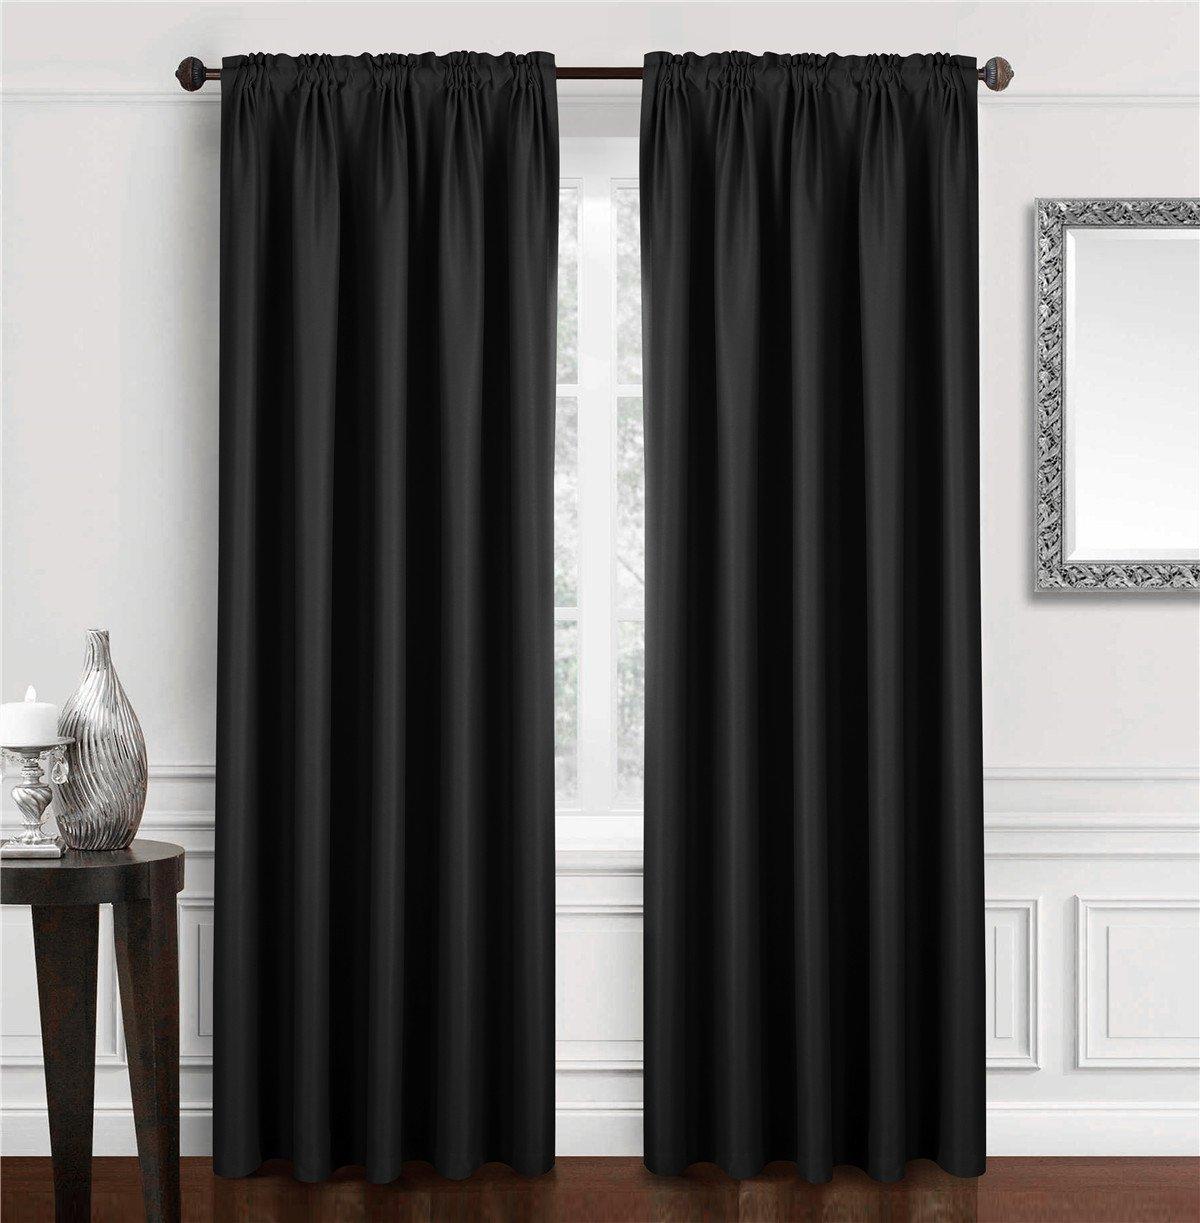 Las 4 mejores cortinas para sala estilo blackout para bloquear el exceso de claridad en el - Cortinas para el sol ...